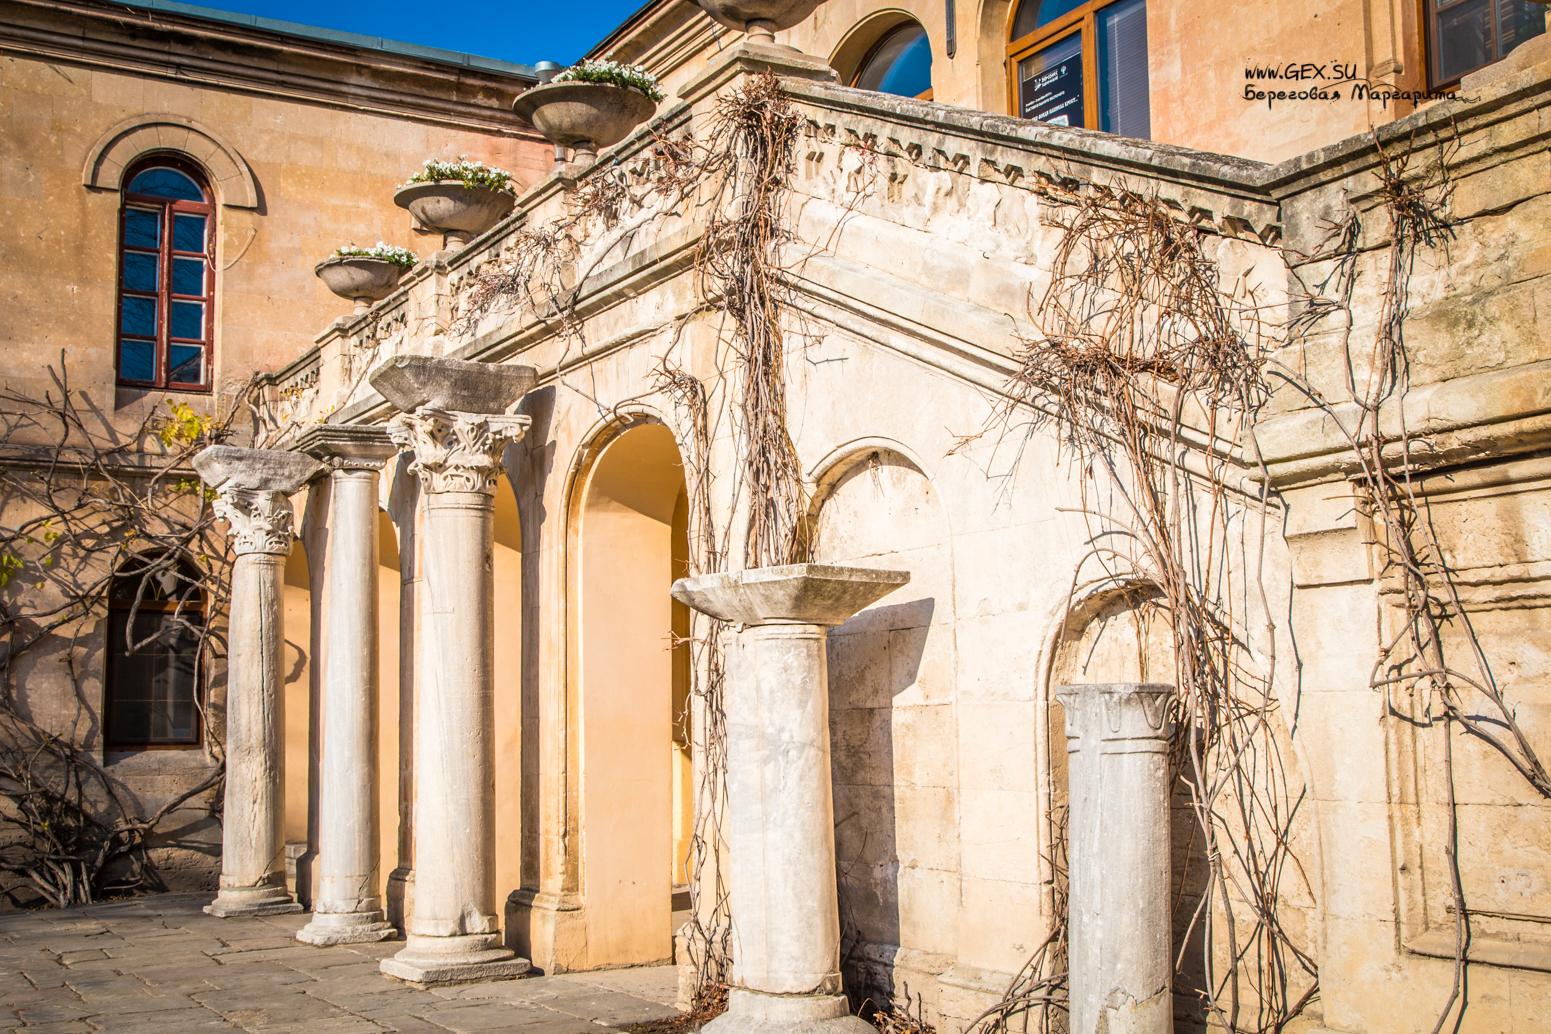 Итальянский дворик в Севастополе